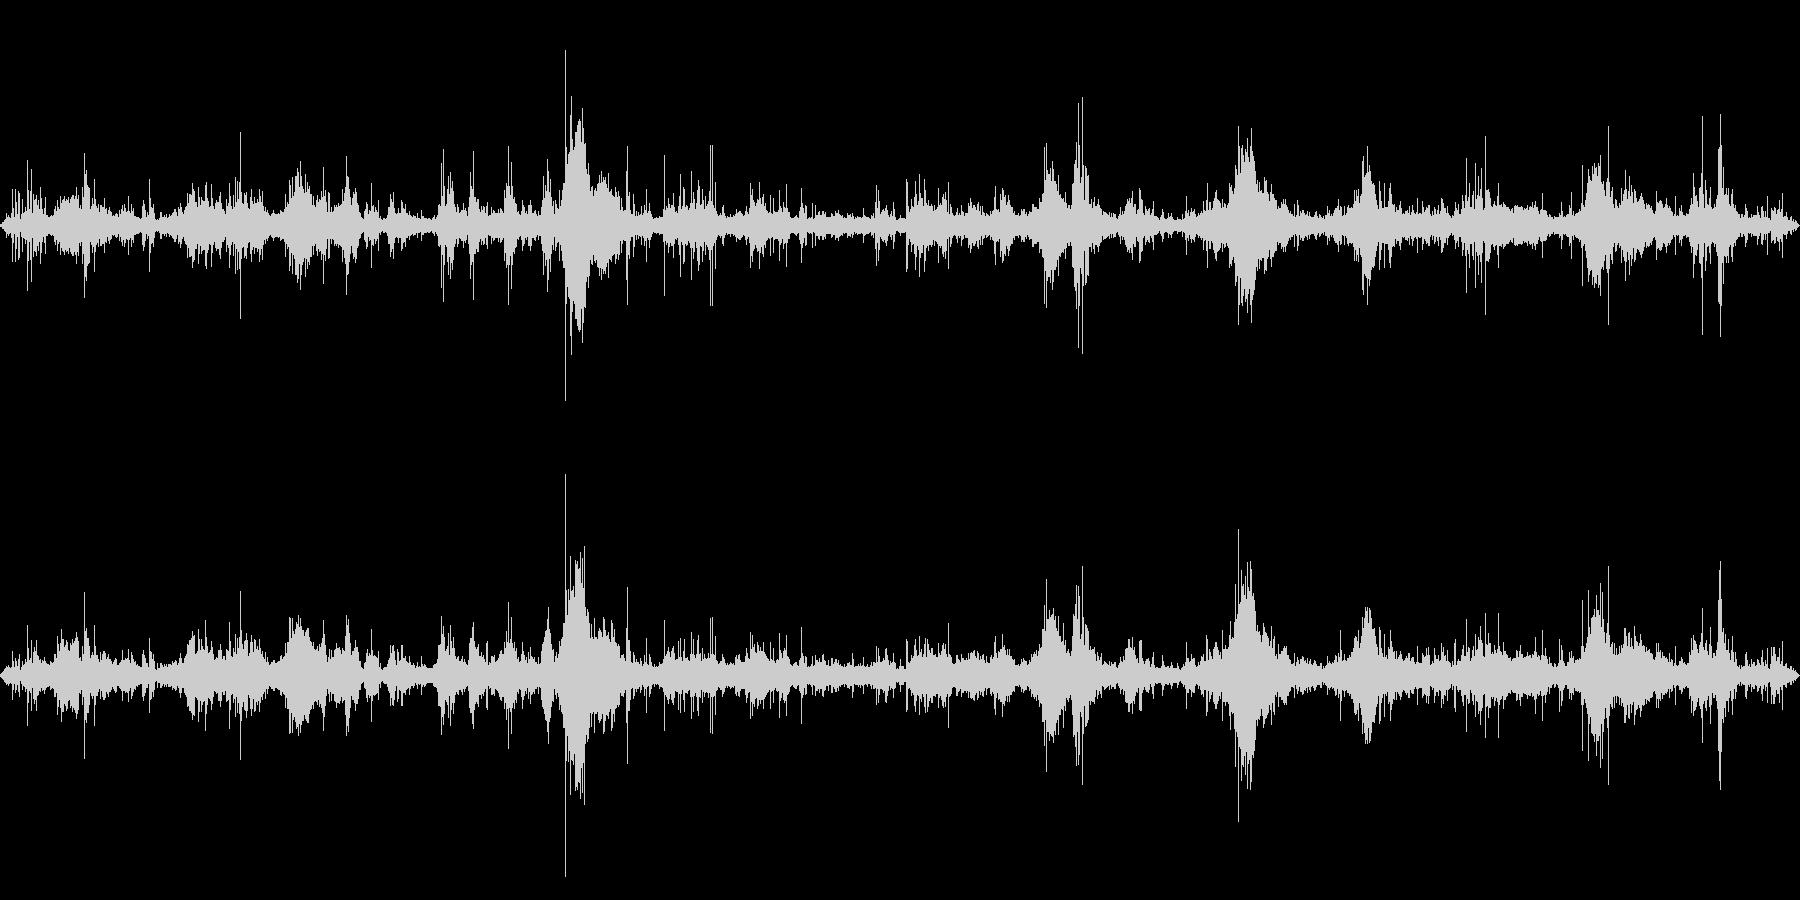 テトラポッド付近の波の音1の未再生の波形